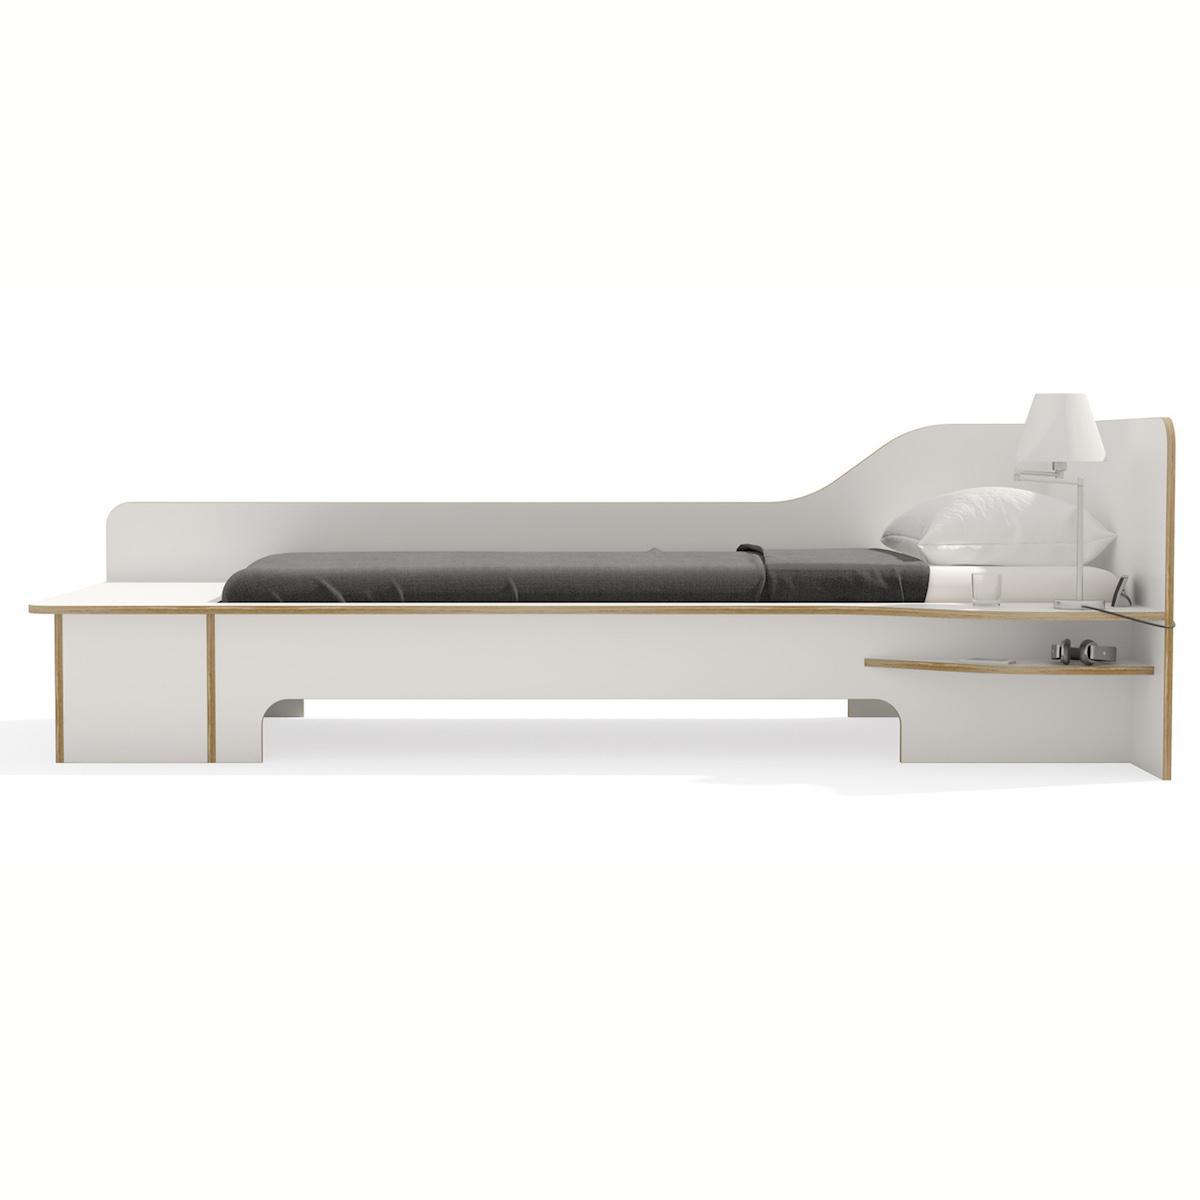 Lit simple 90x200cm tiroir de lit version droite PLANE Mueller blanc